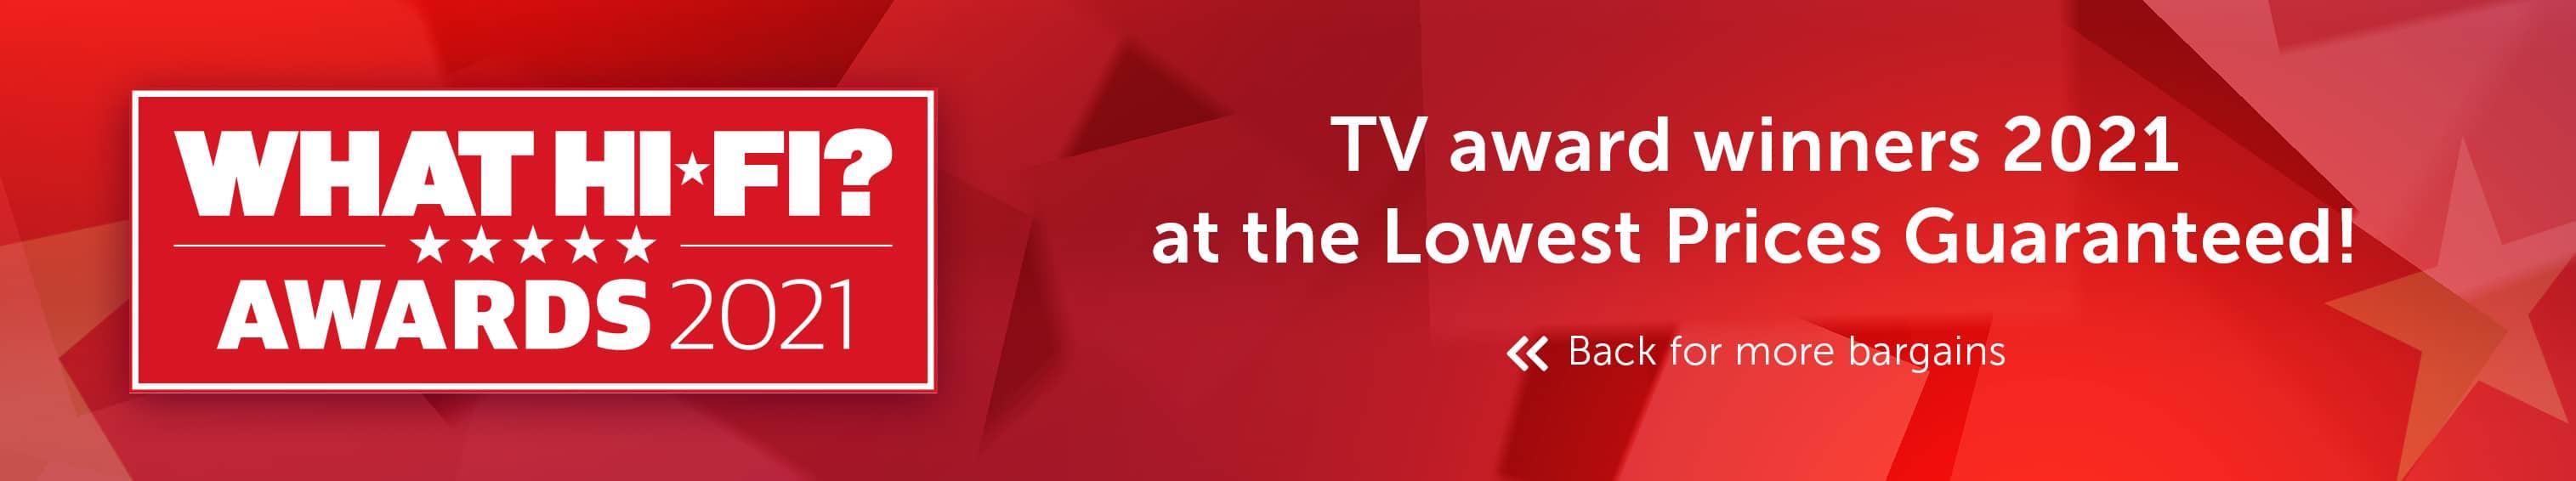 What Hi-Fi? Best Buy Awards 2021 - TV